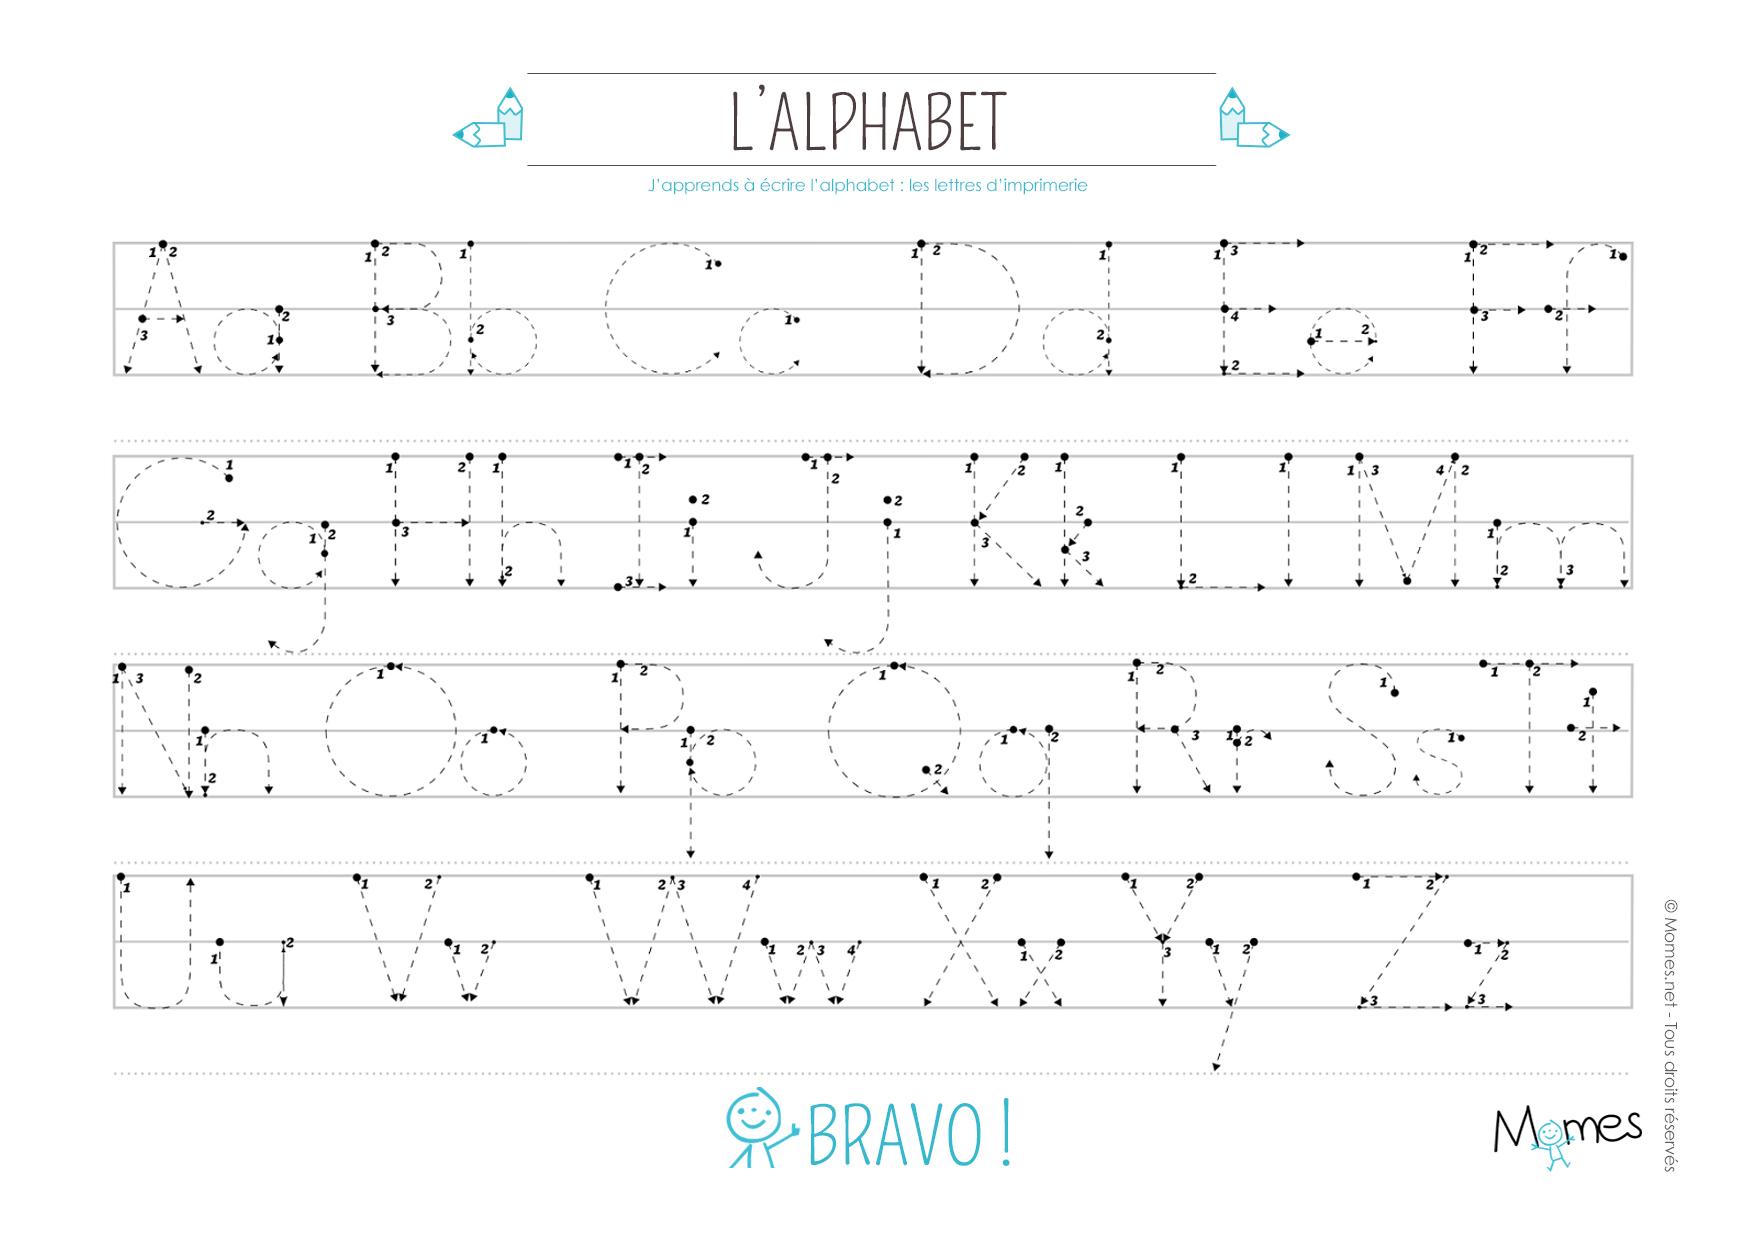 Apprendre crire les chiffres en pointill s cg02 jornalagora - Apprendre a broder des lettres ...